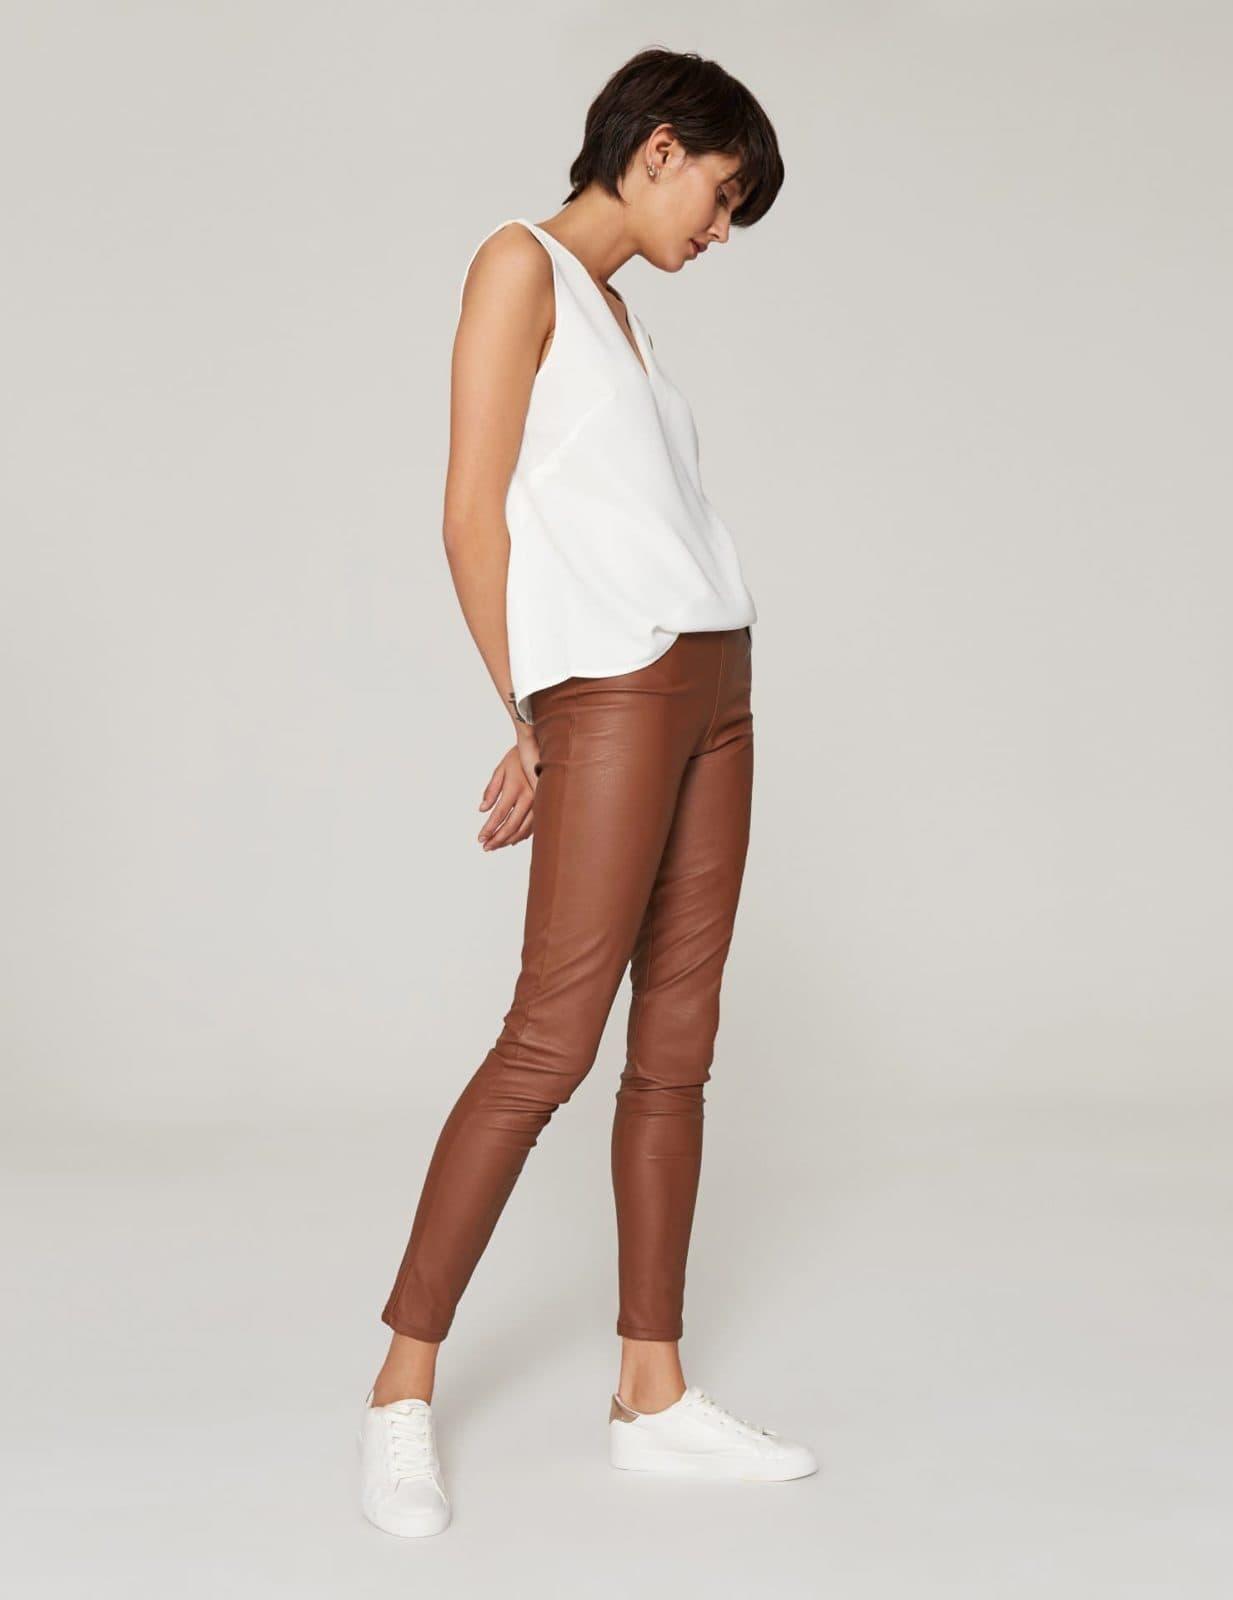 spodnie-ze-sztucznej-skory-cynamonowe-02a (1)